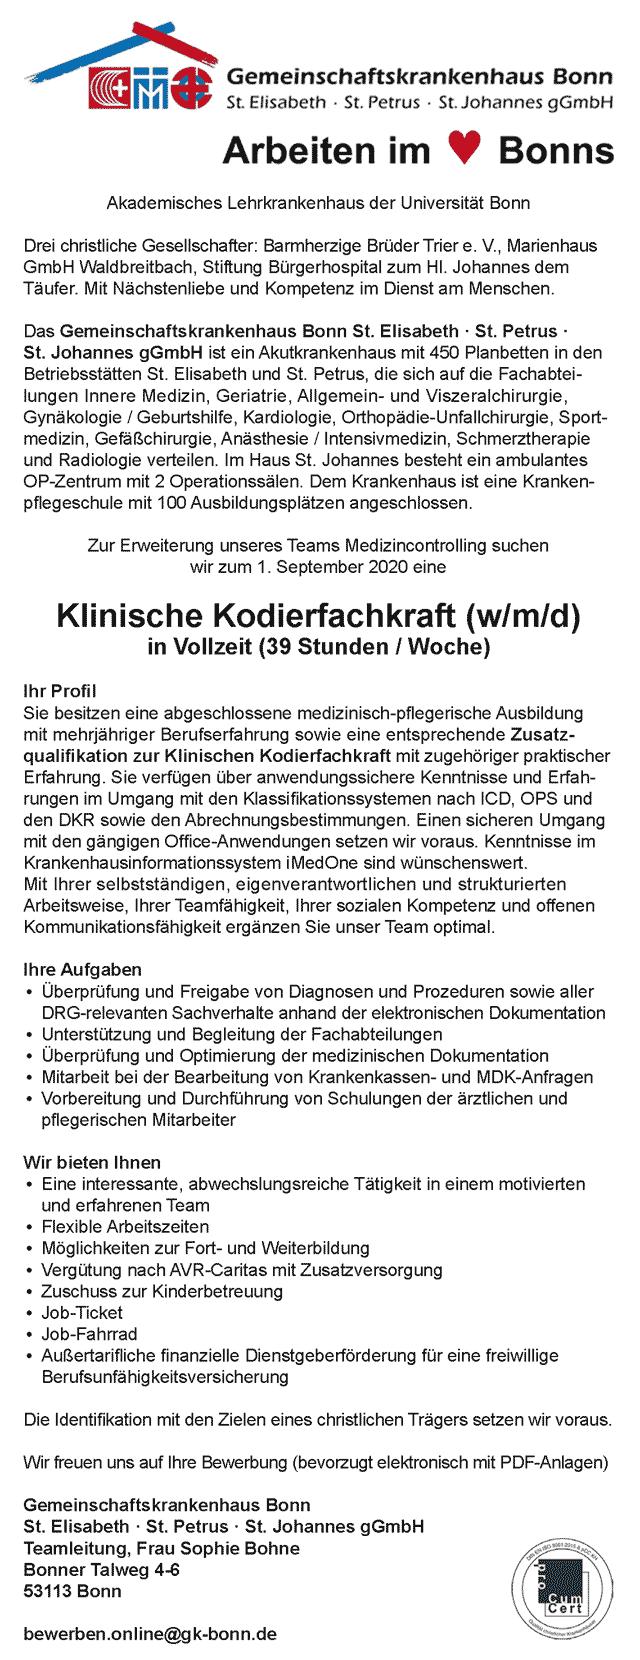 Gemeinschaftskrankenhaus Bonn: Klinische Kodierfachkraft (w/m/d)